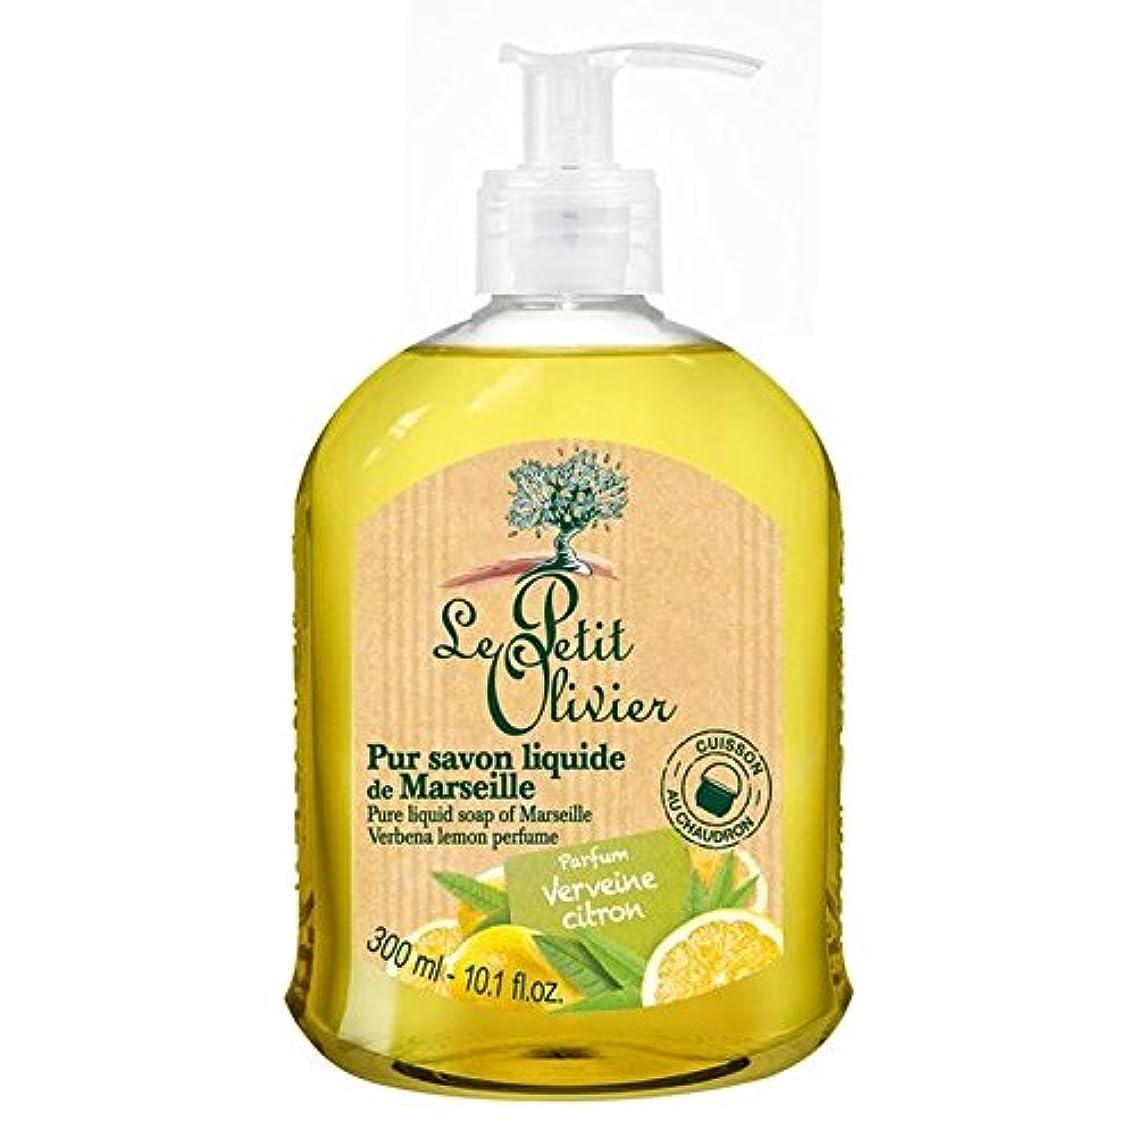 モナリザ不規則性義務的マルセイユのル?プティ?オリヴィエ純粋な液体石鹸、バーベナレモン300ミリリットル x4 - Le Petit Olivier Pure Liquid Soap of Marseille, Verbena Lemon 300ml...